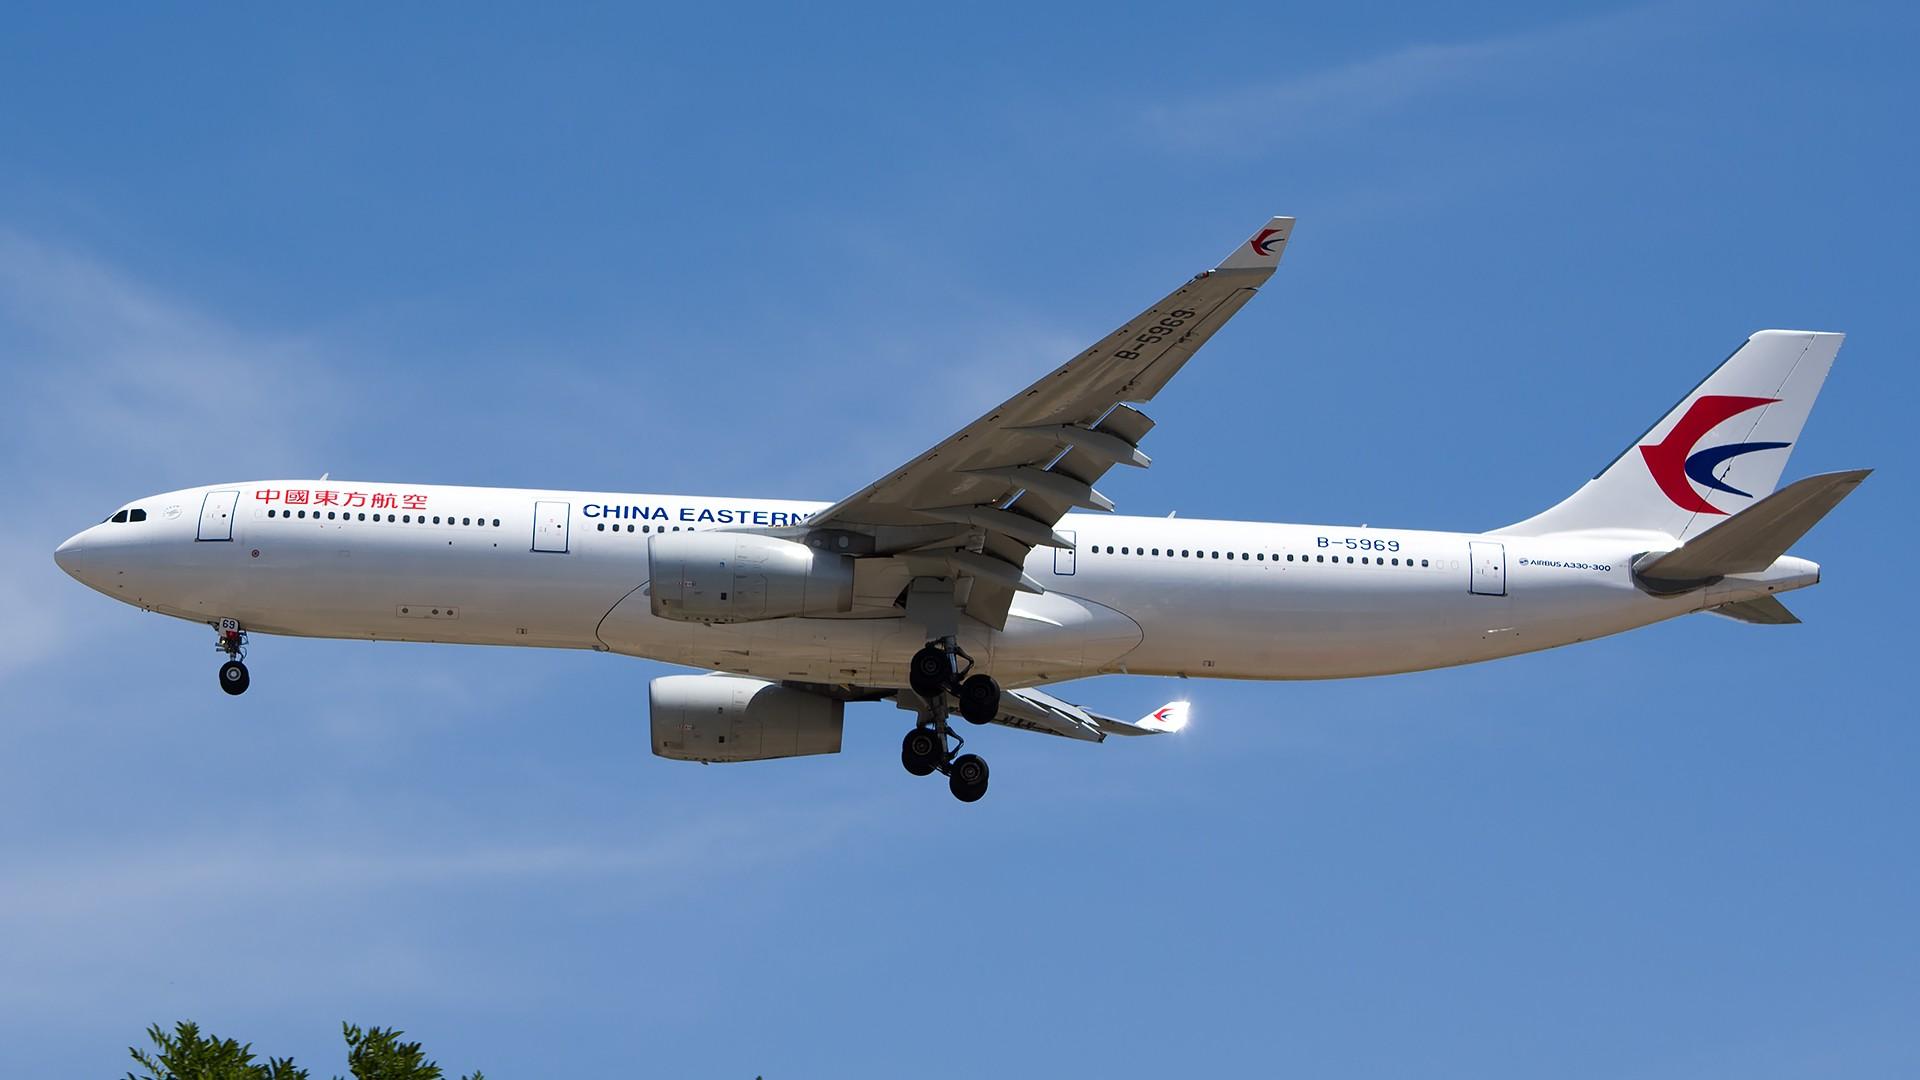 Re:[原创]PEK01午后两小时抓拍,其实是为AA的One World来的 AIRBUS A330-300 B-5969 中国北京首都国际机场